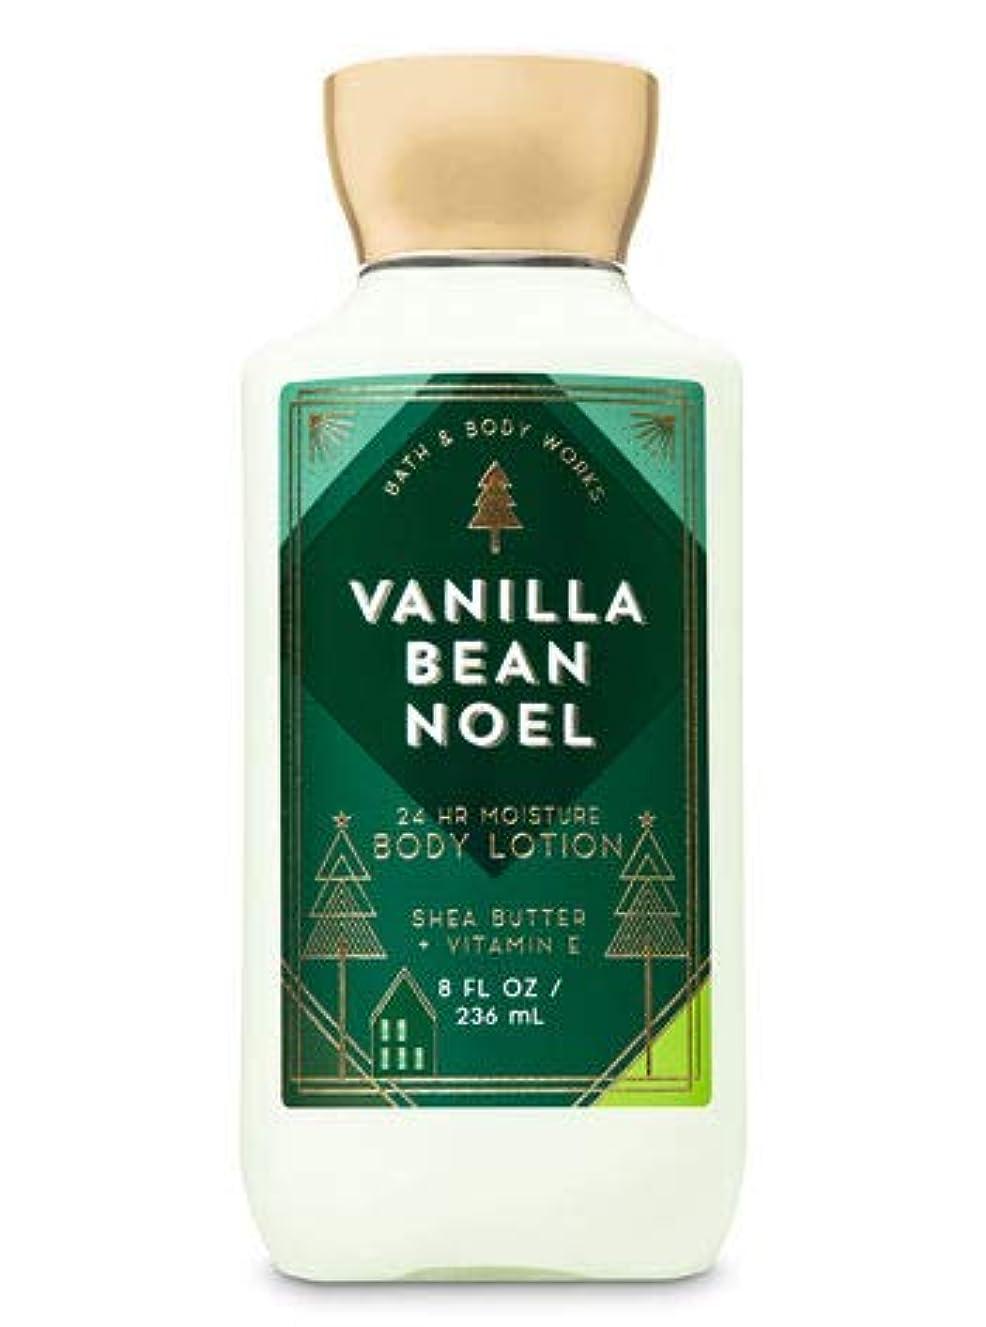 ボイドレキシコン誤解するバス&ボディワークス バニラビーンノエル ボディローション Vanilla Bean Noel body lotion [並行輸入品]